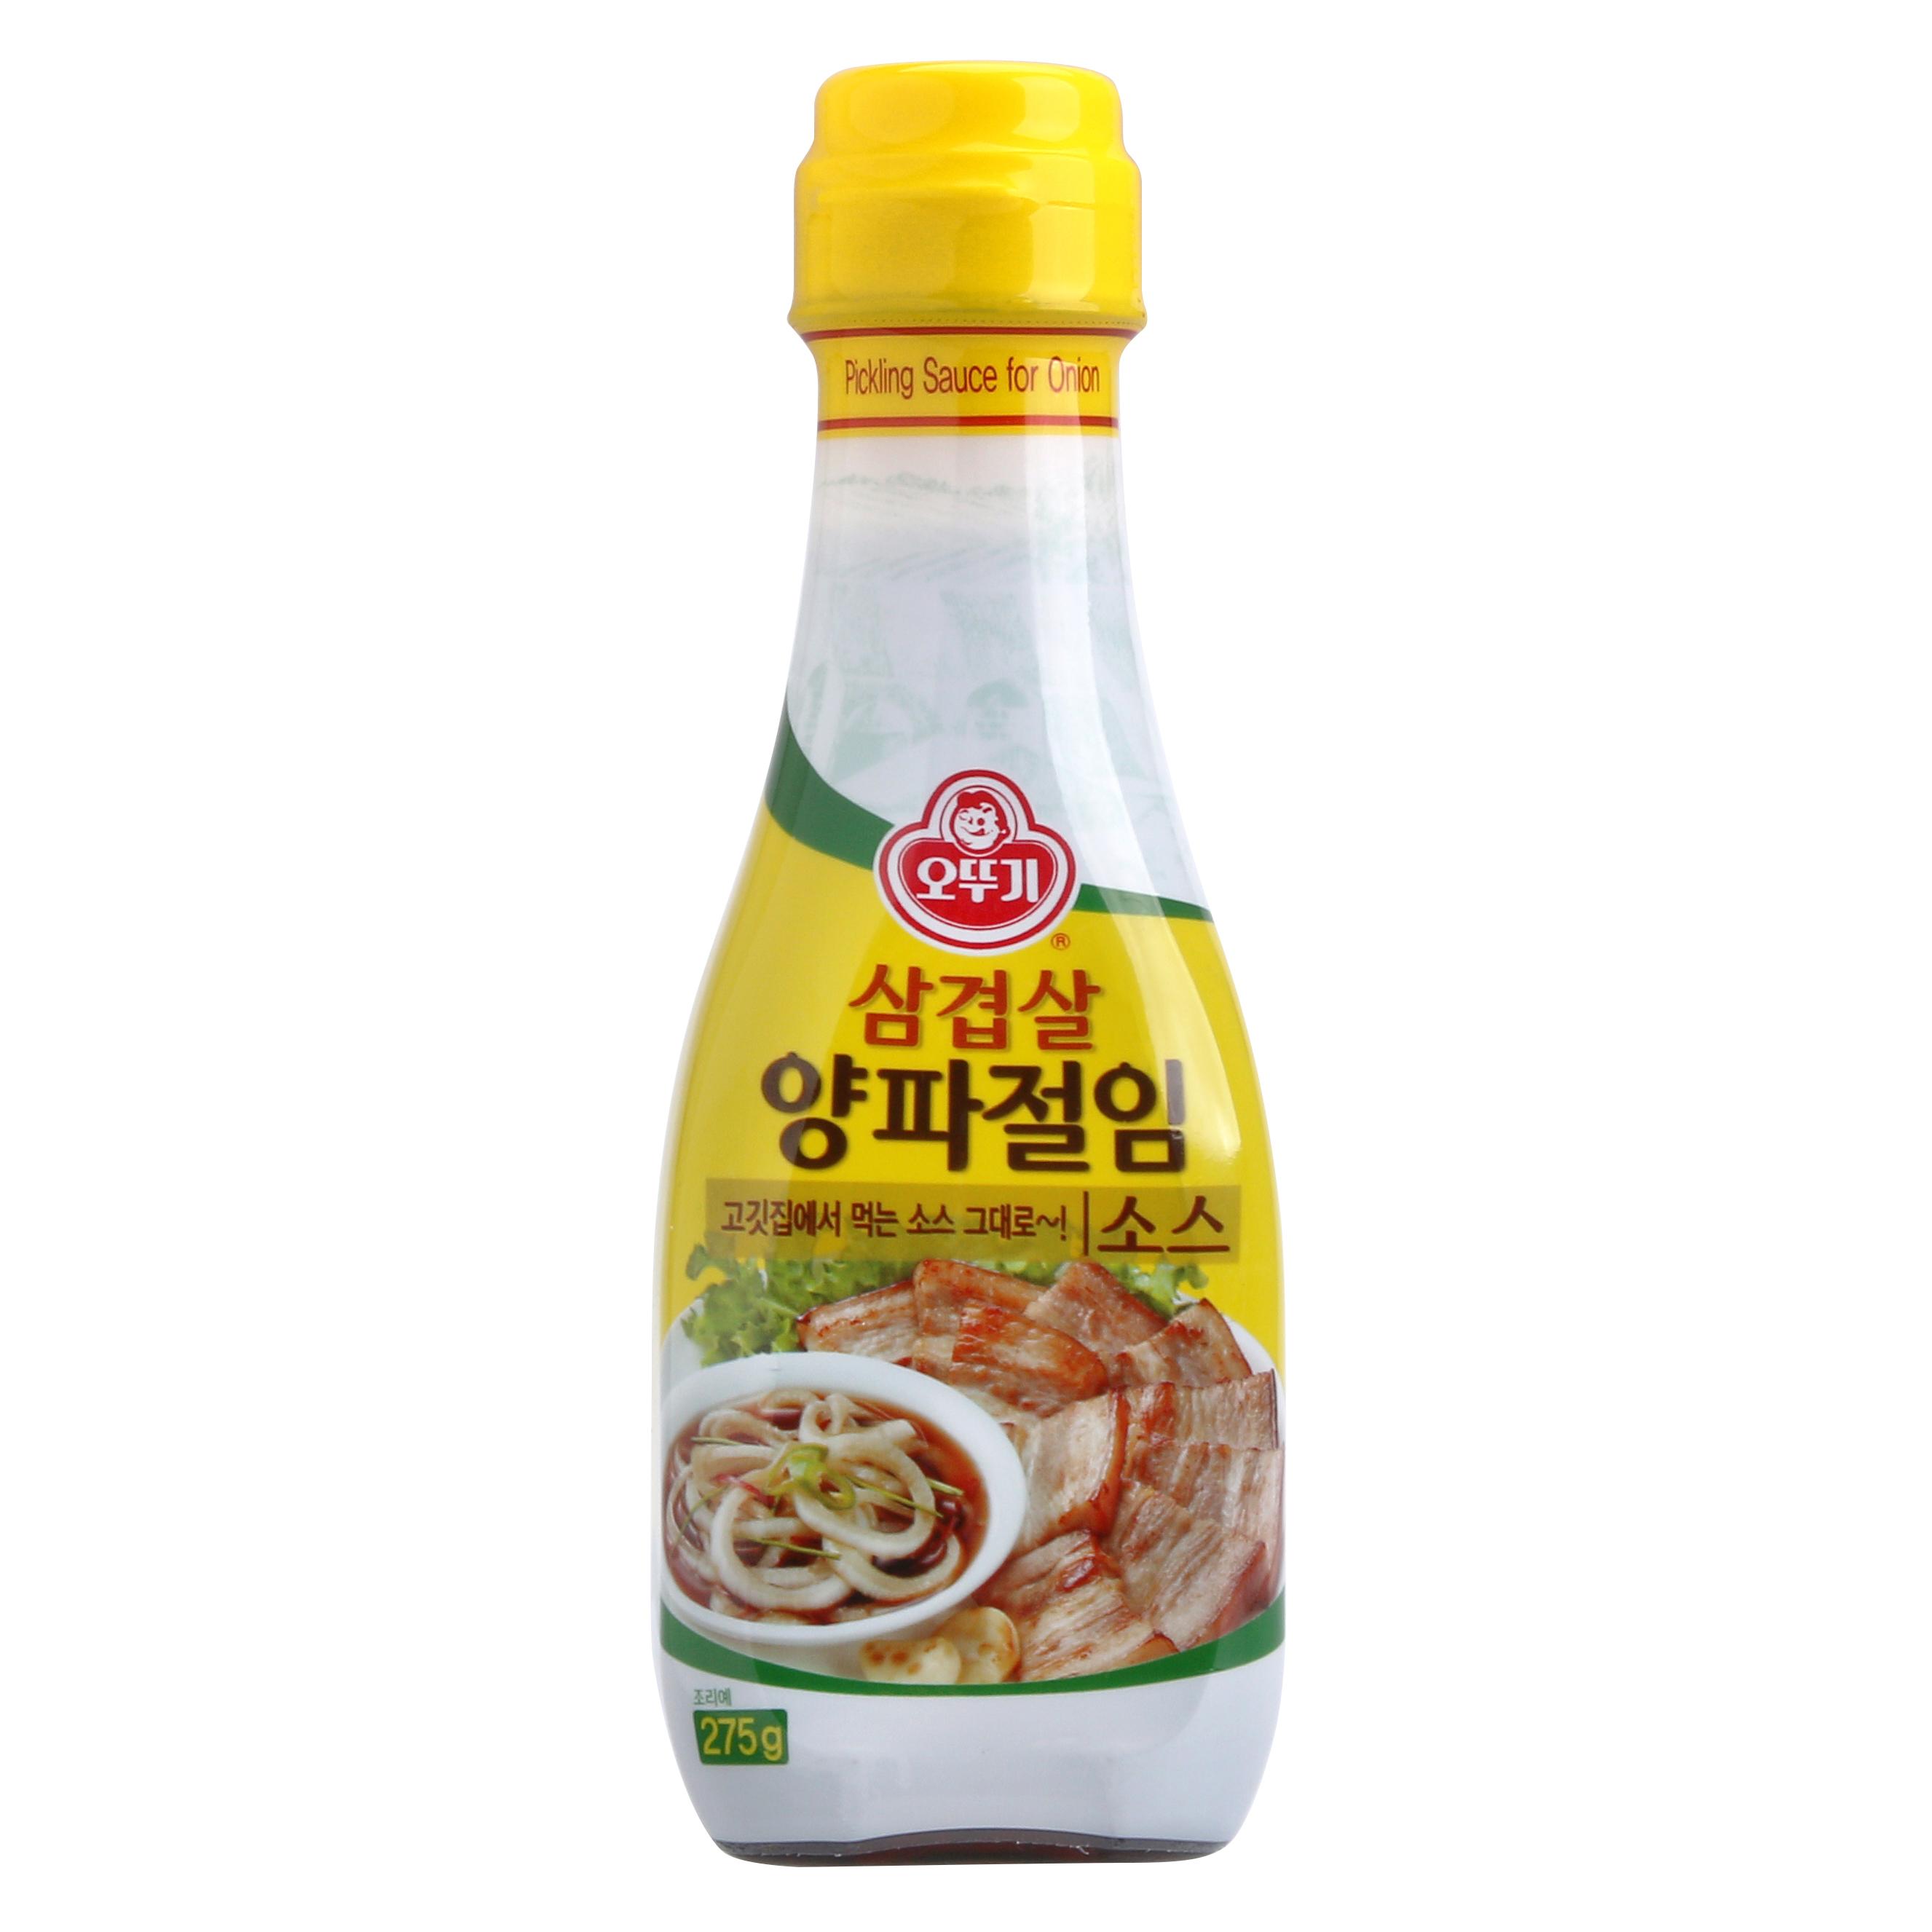 오뚜기 삼겹살 양파 절임 소스, 275g, 1개